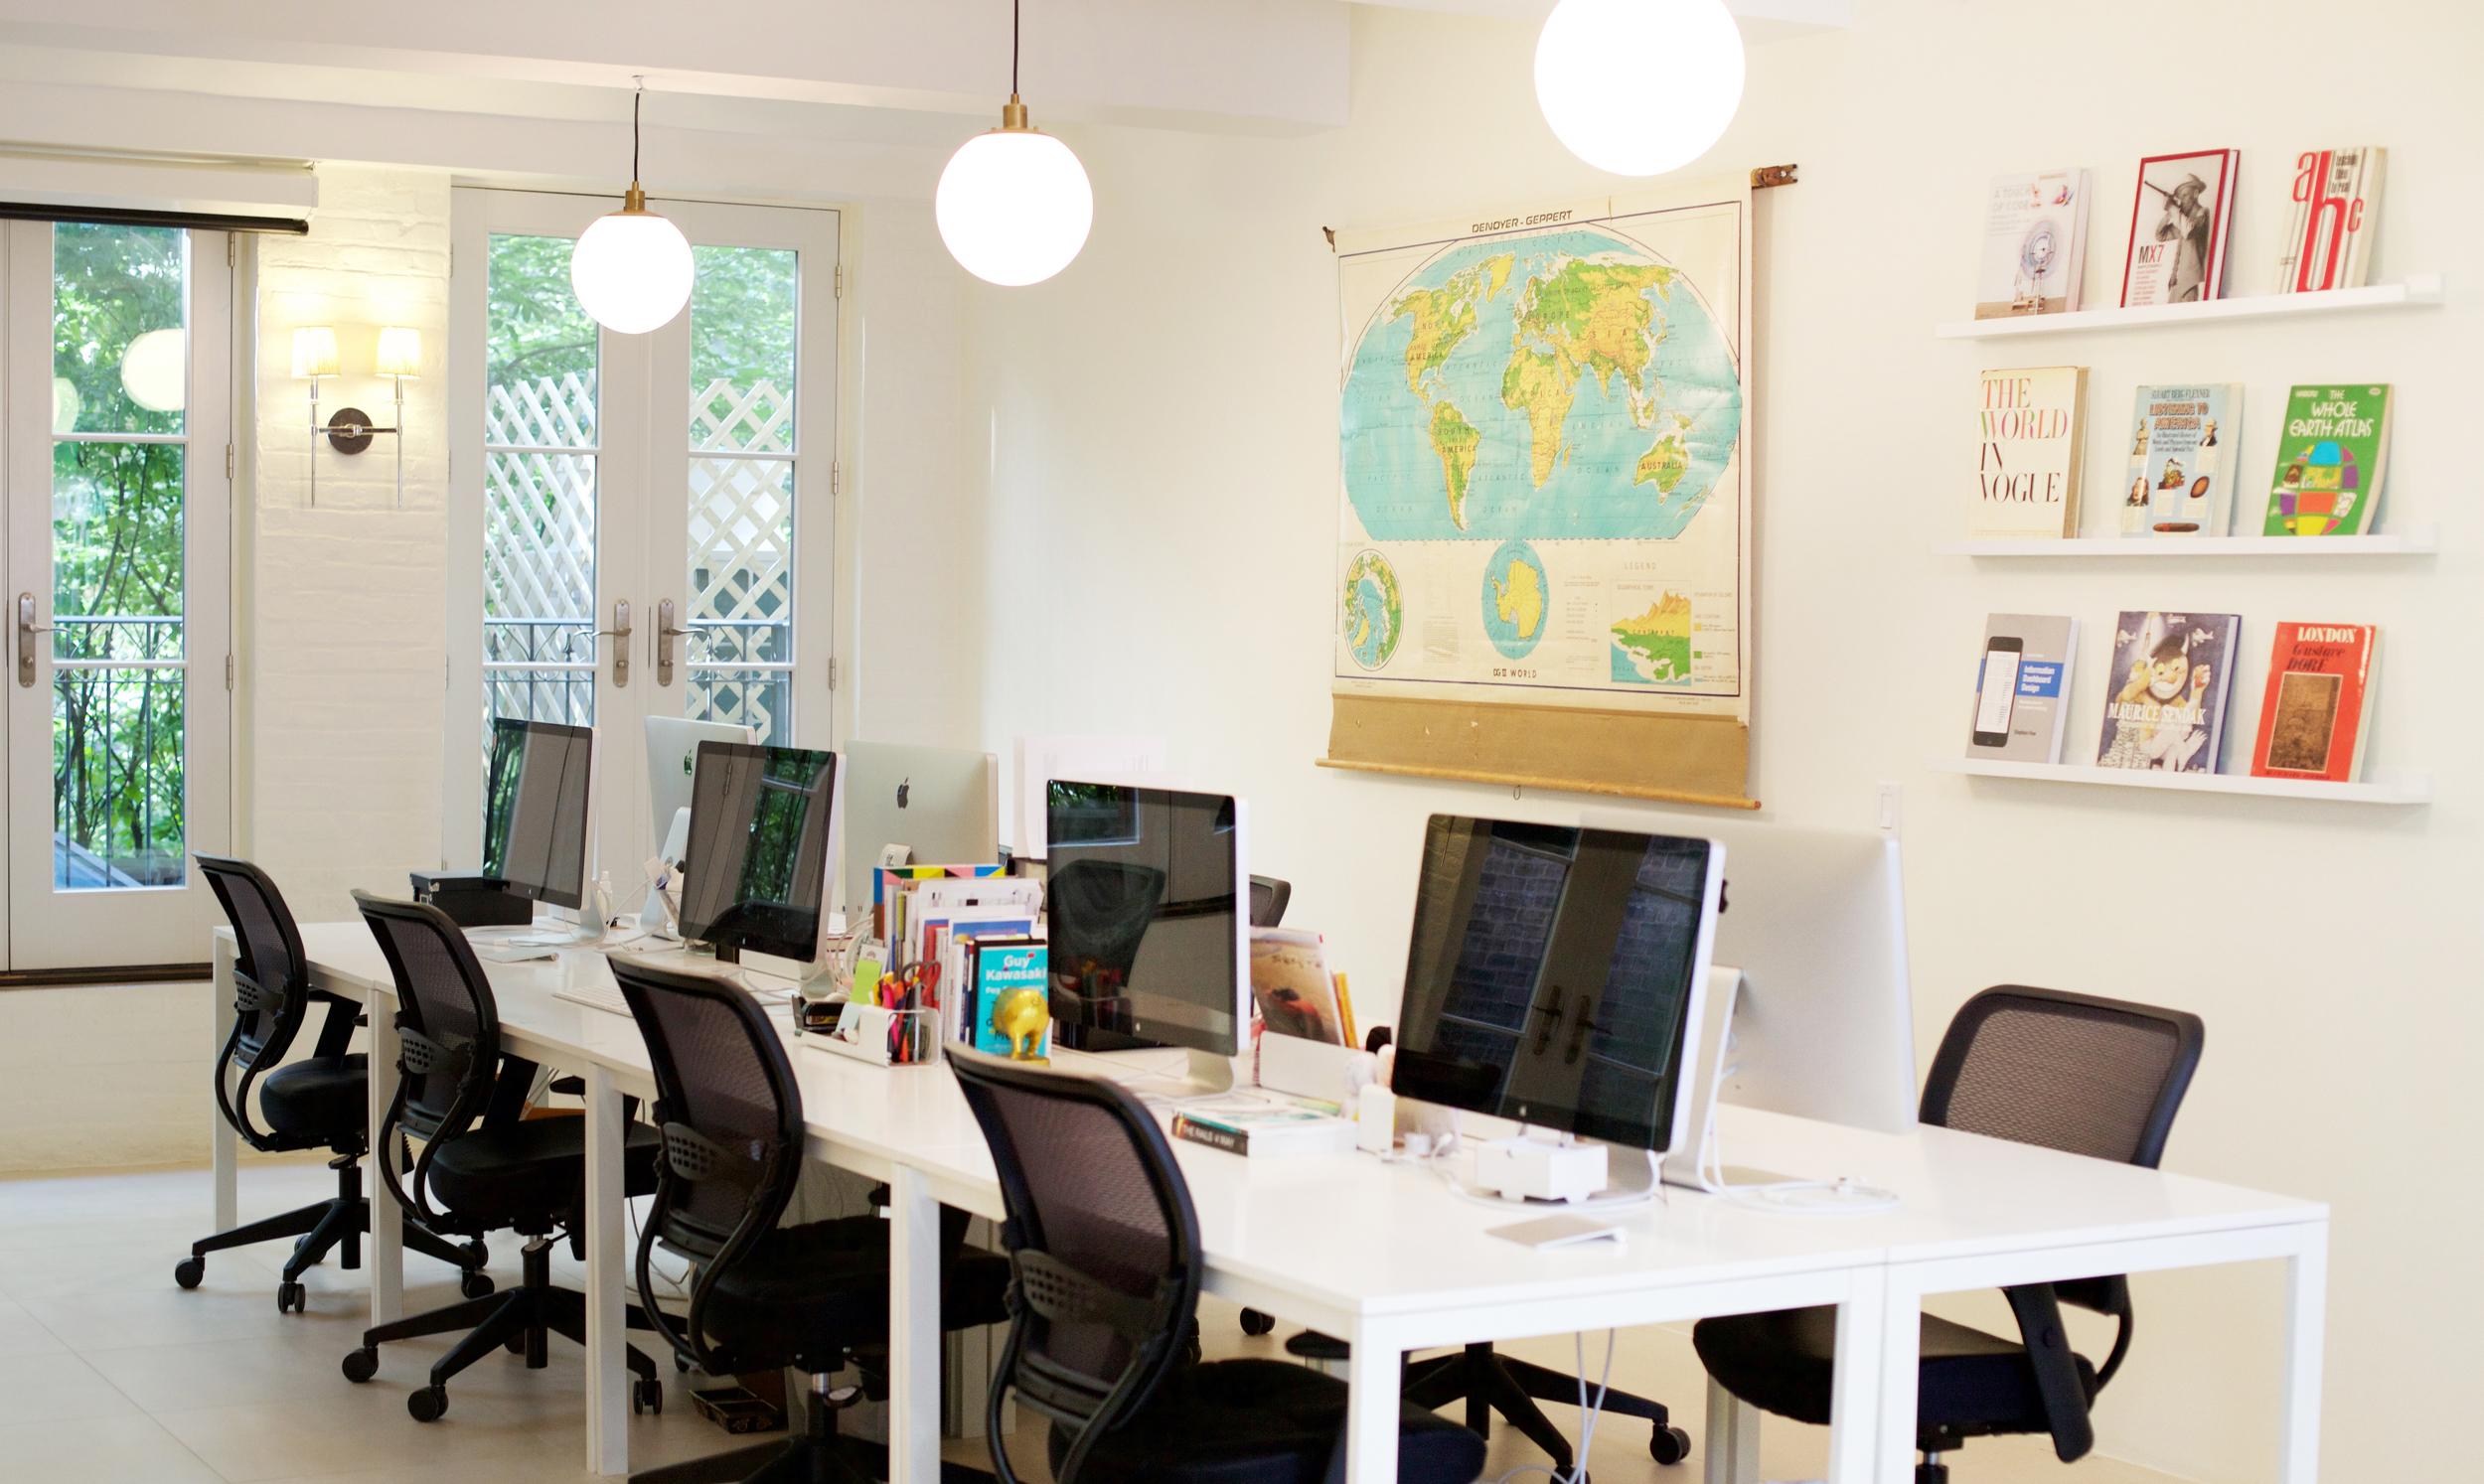 zmaic-one-month-interior-design-main-room-workspace.jpg